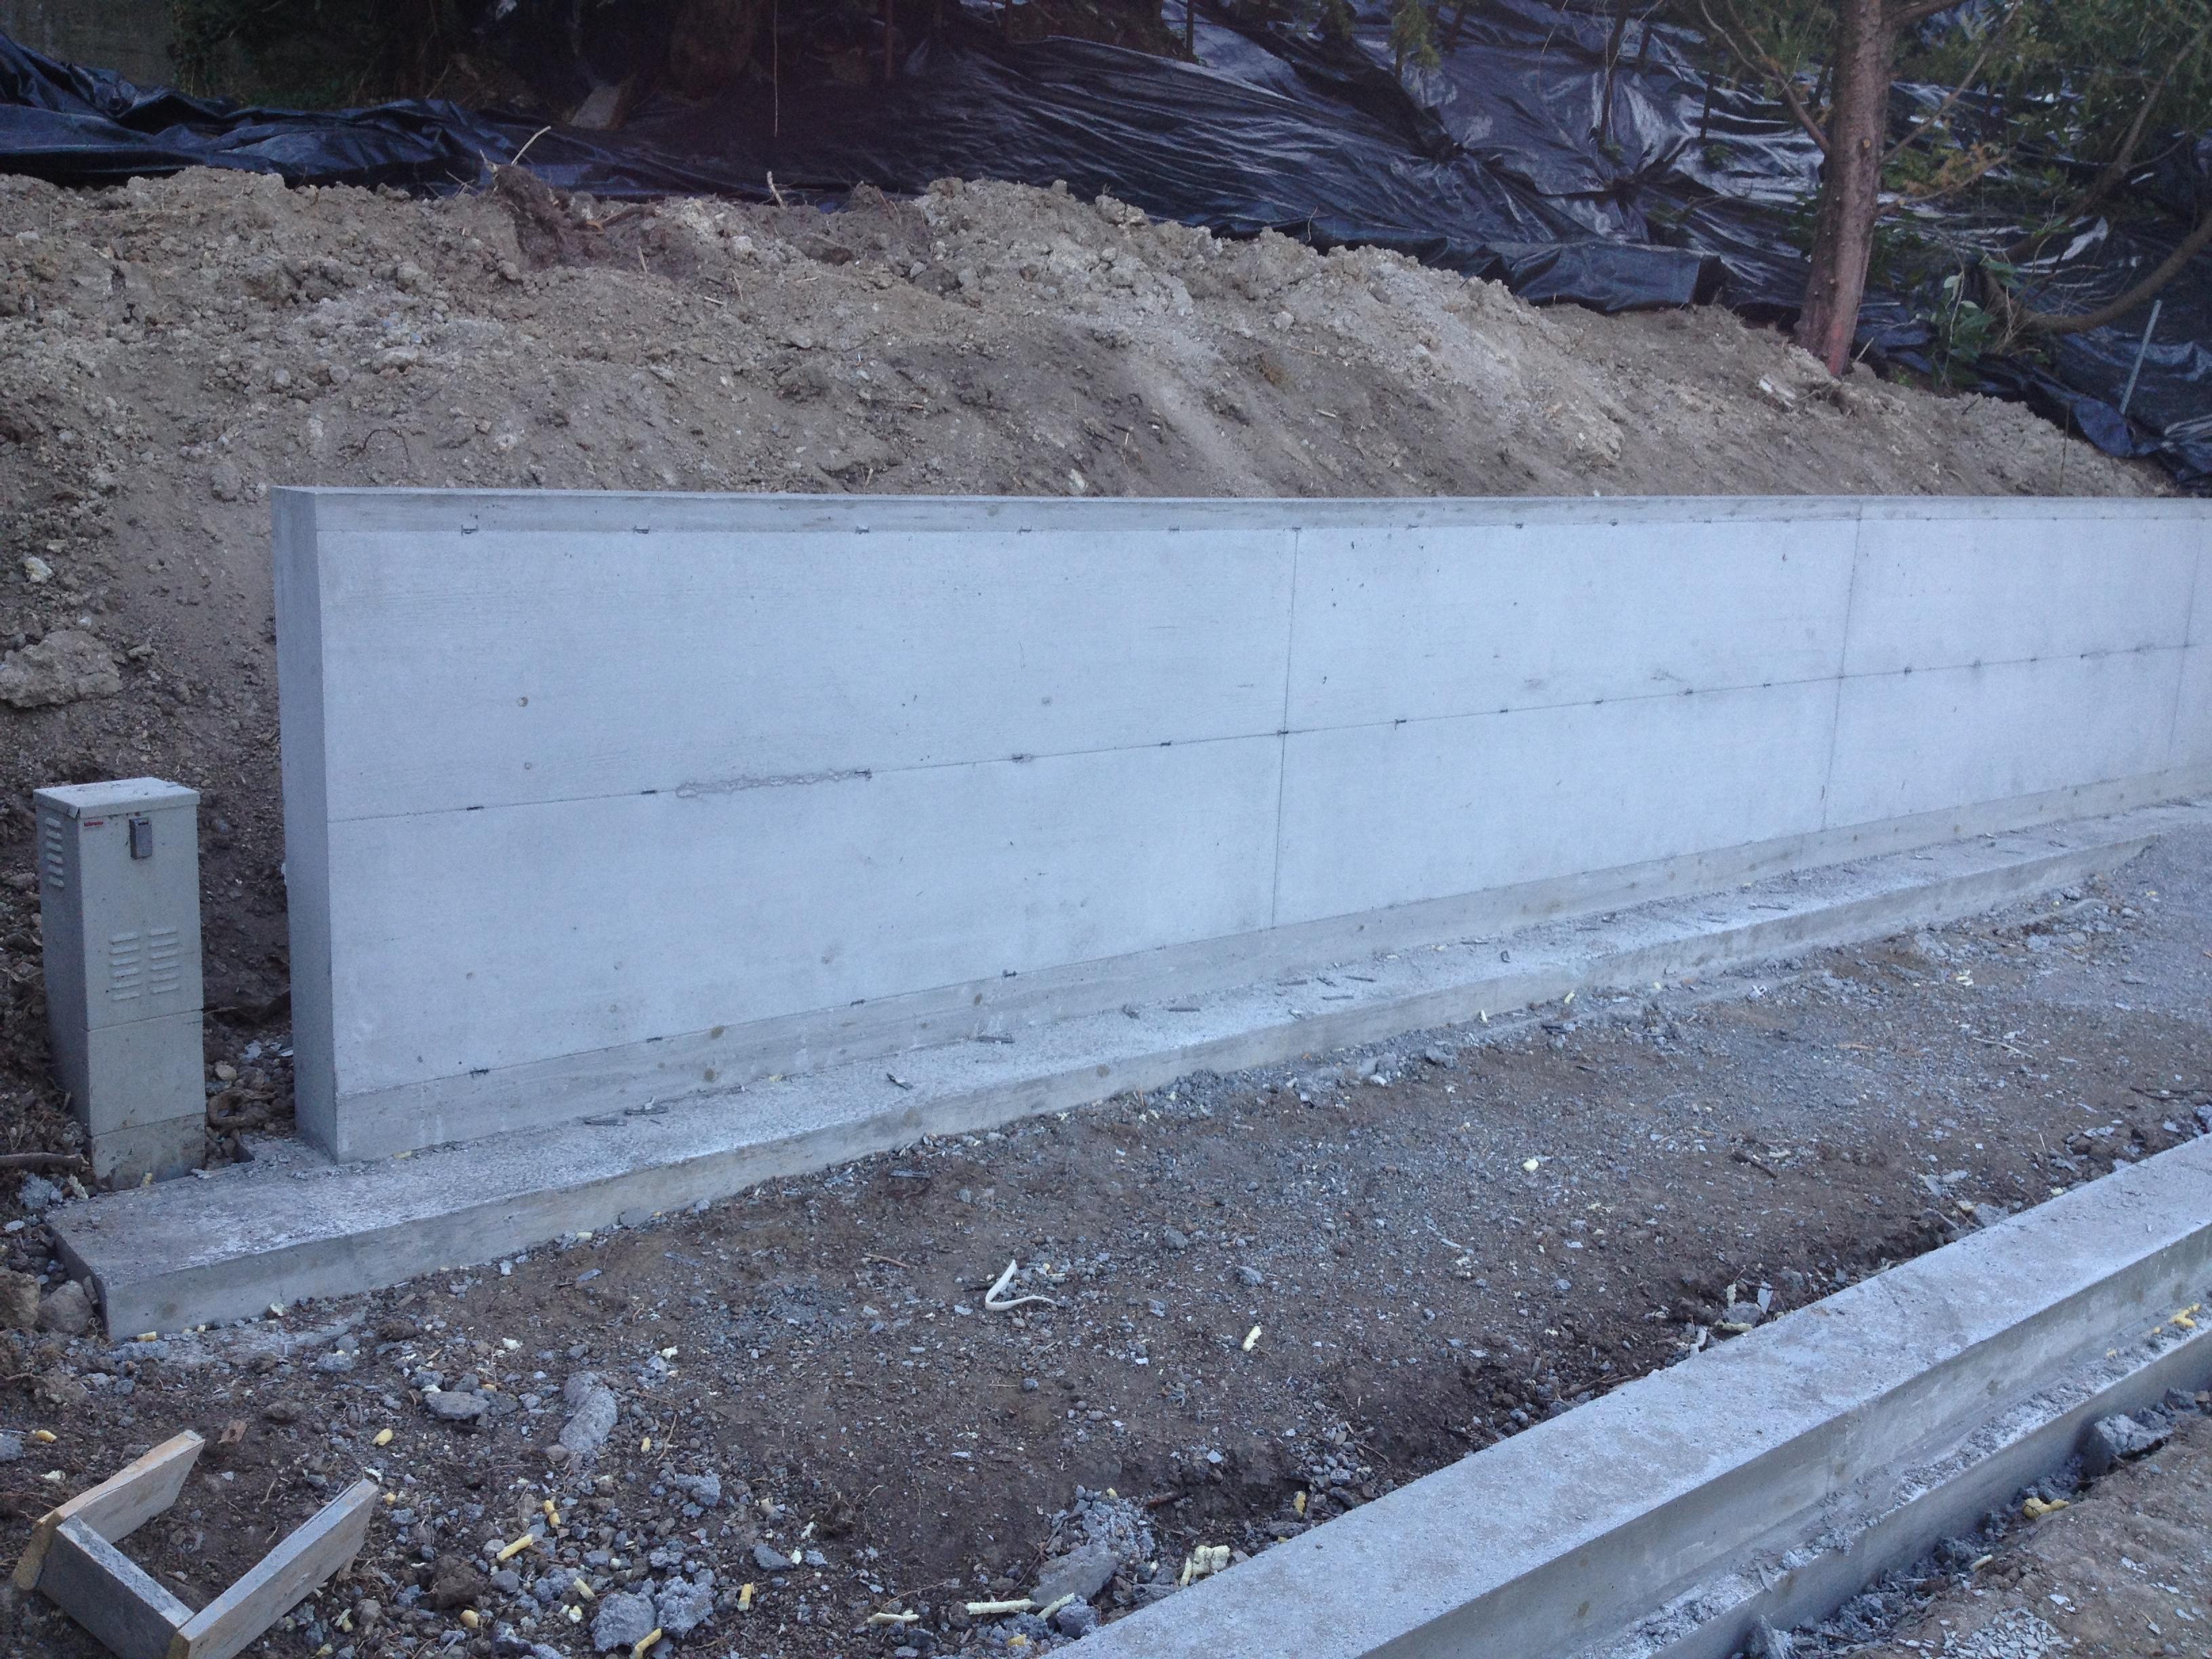 Stütz-und Grenzmauer